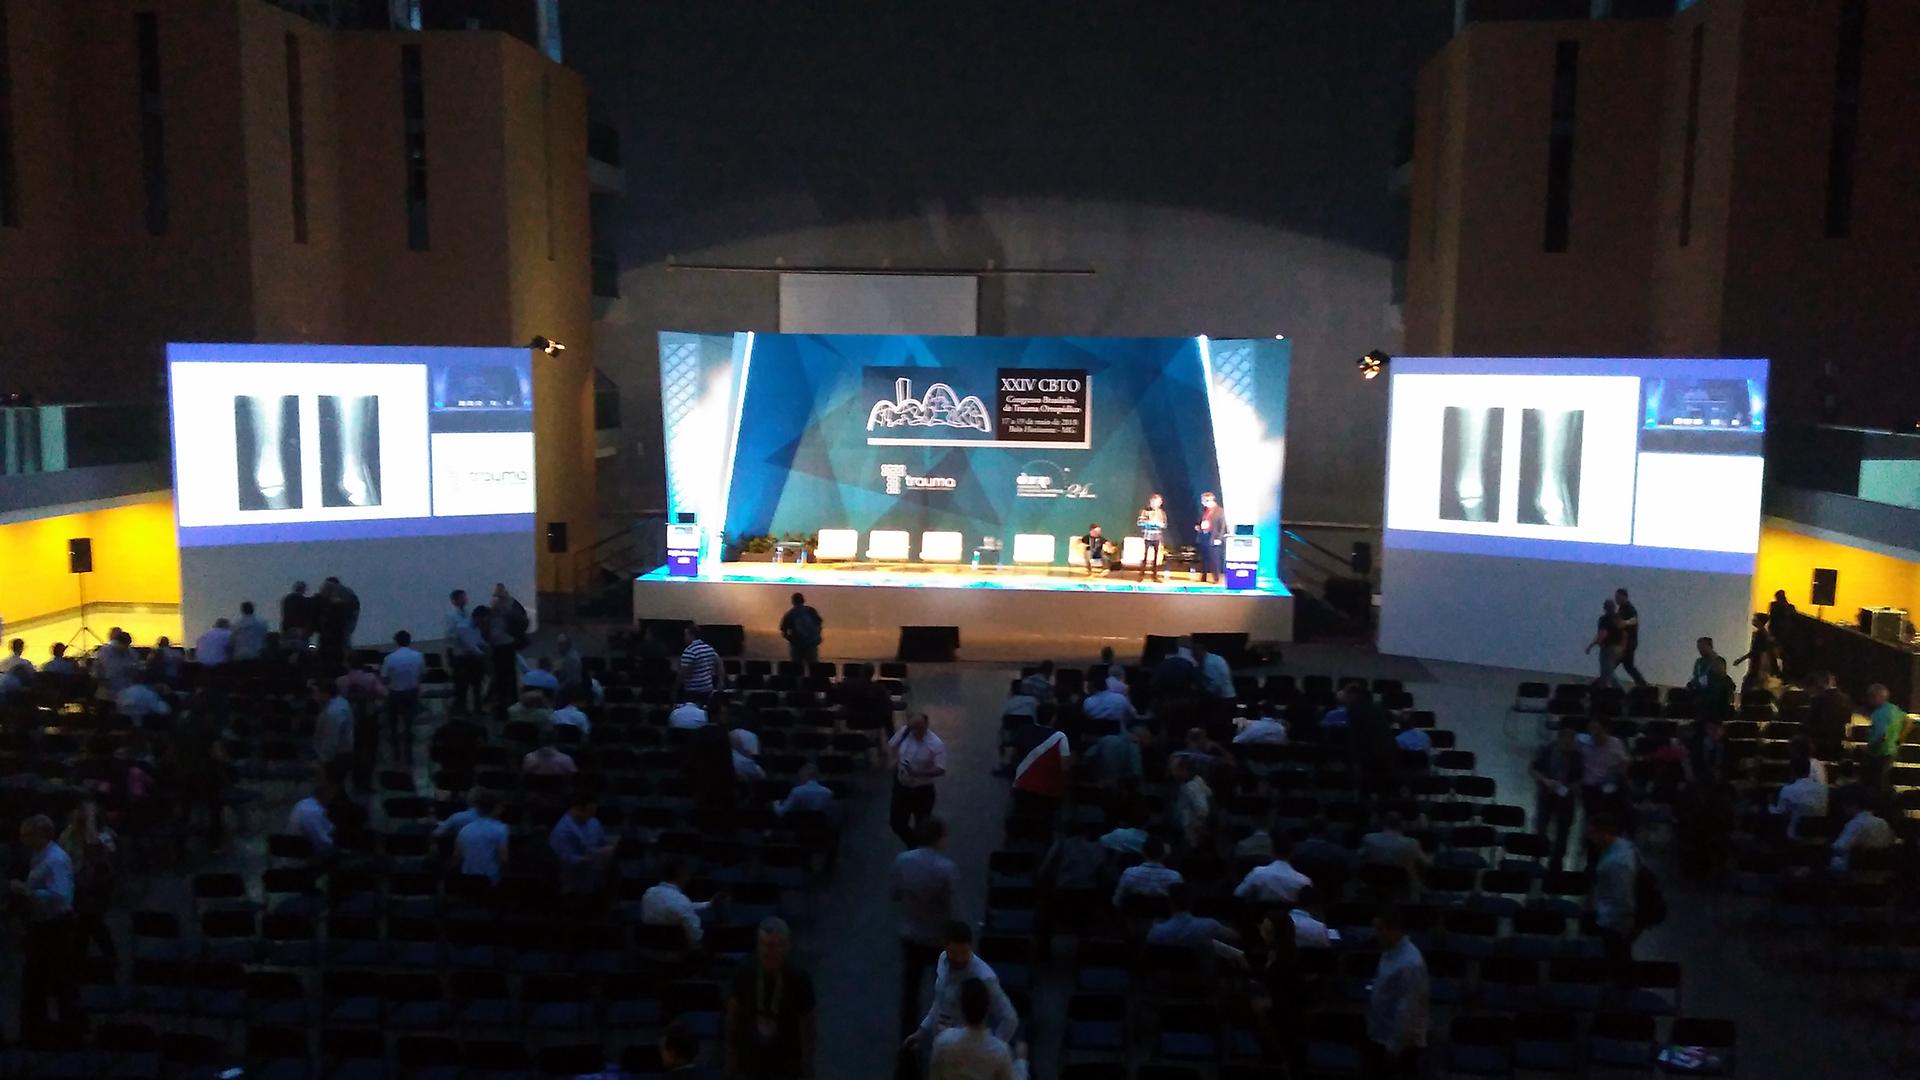 XXXIV Congresso Brasileiro de Trauma Ortopédico